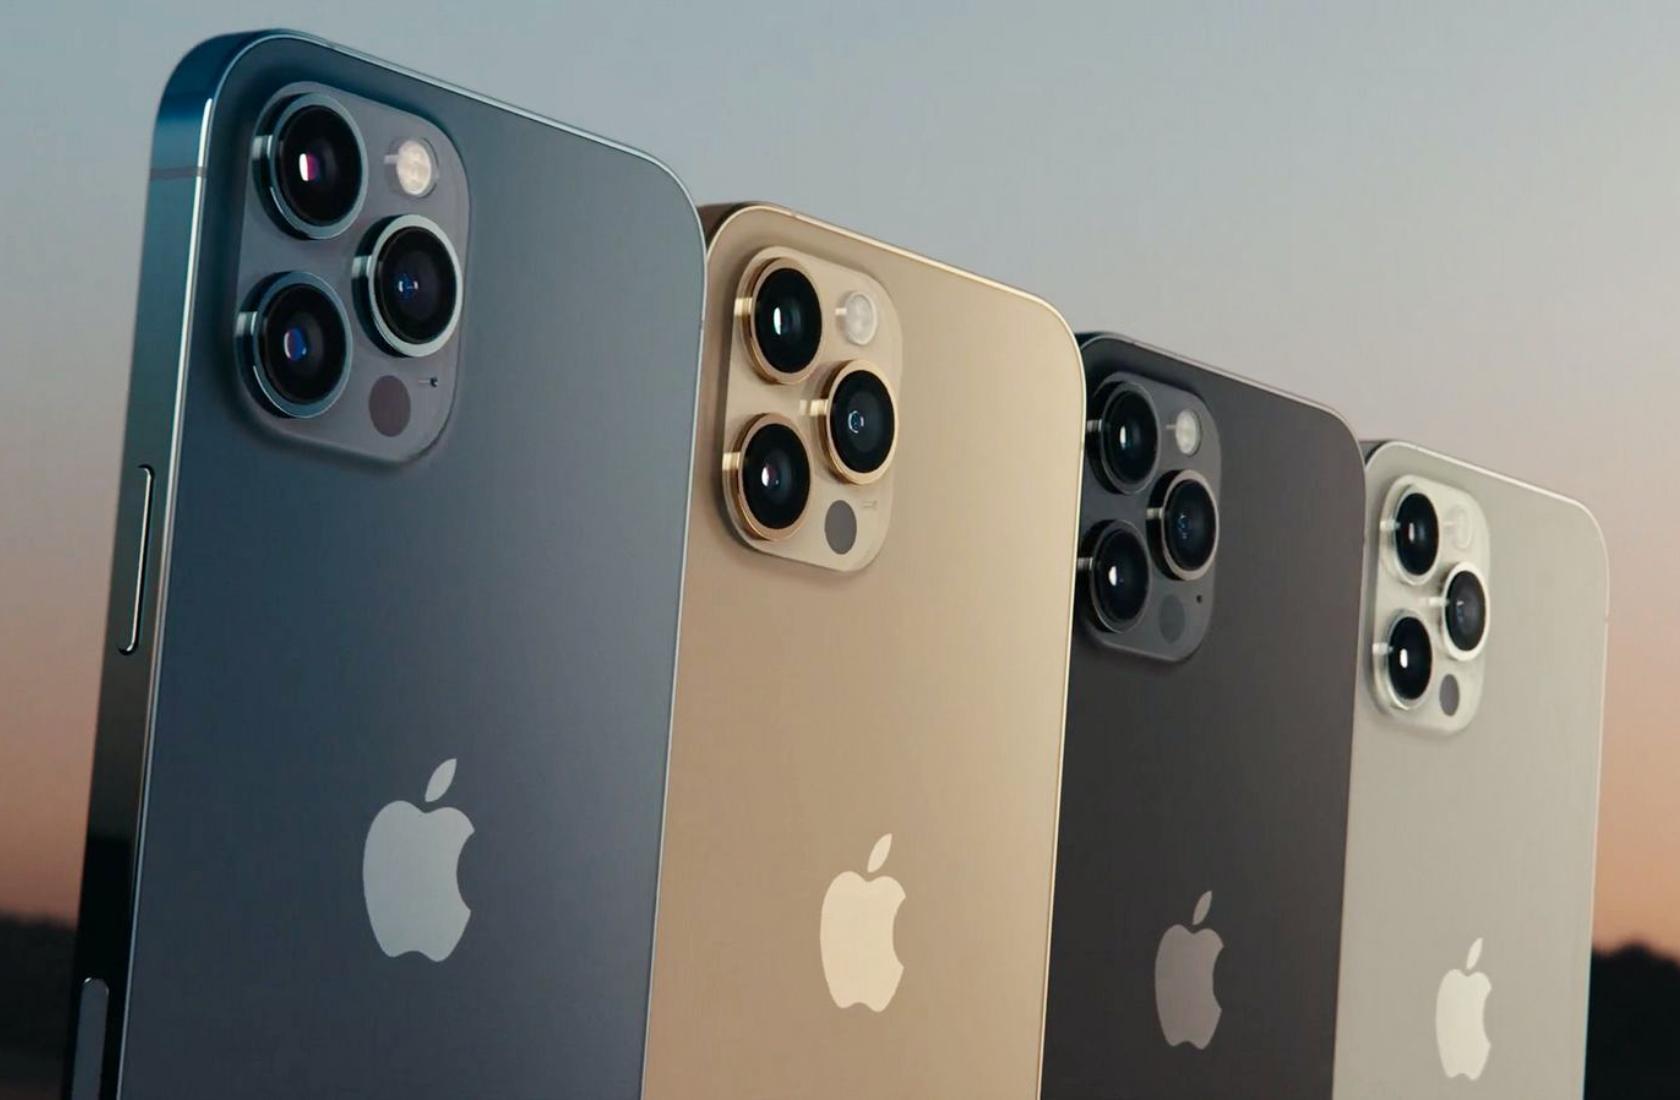 Чем новые iPhone 12 отличаются от iPhone 11: главные изменения